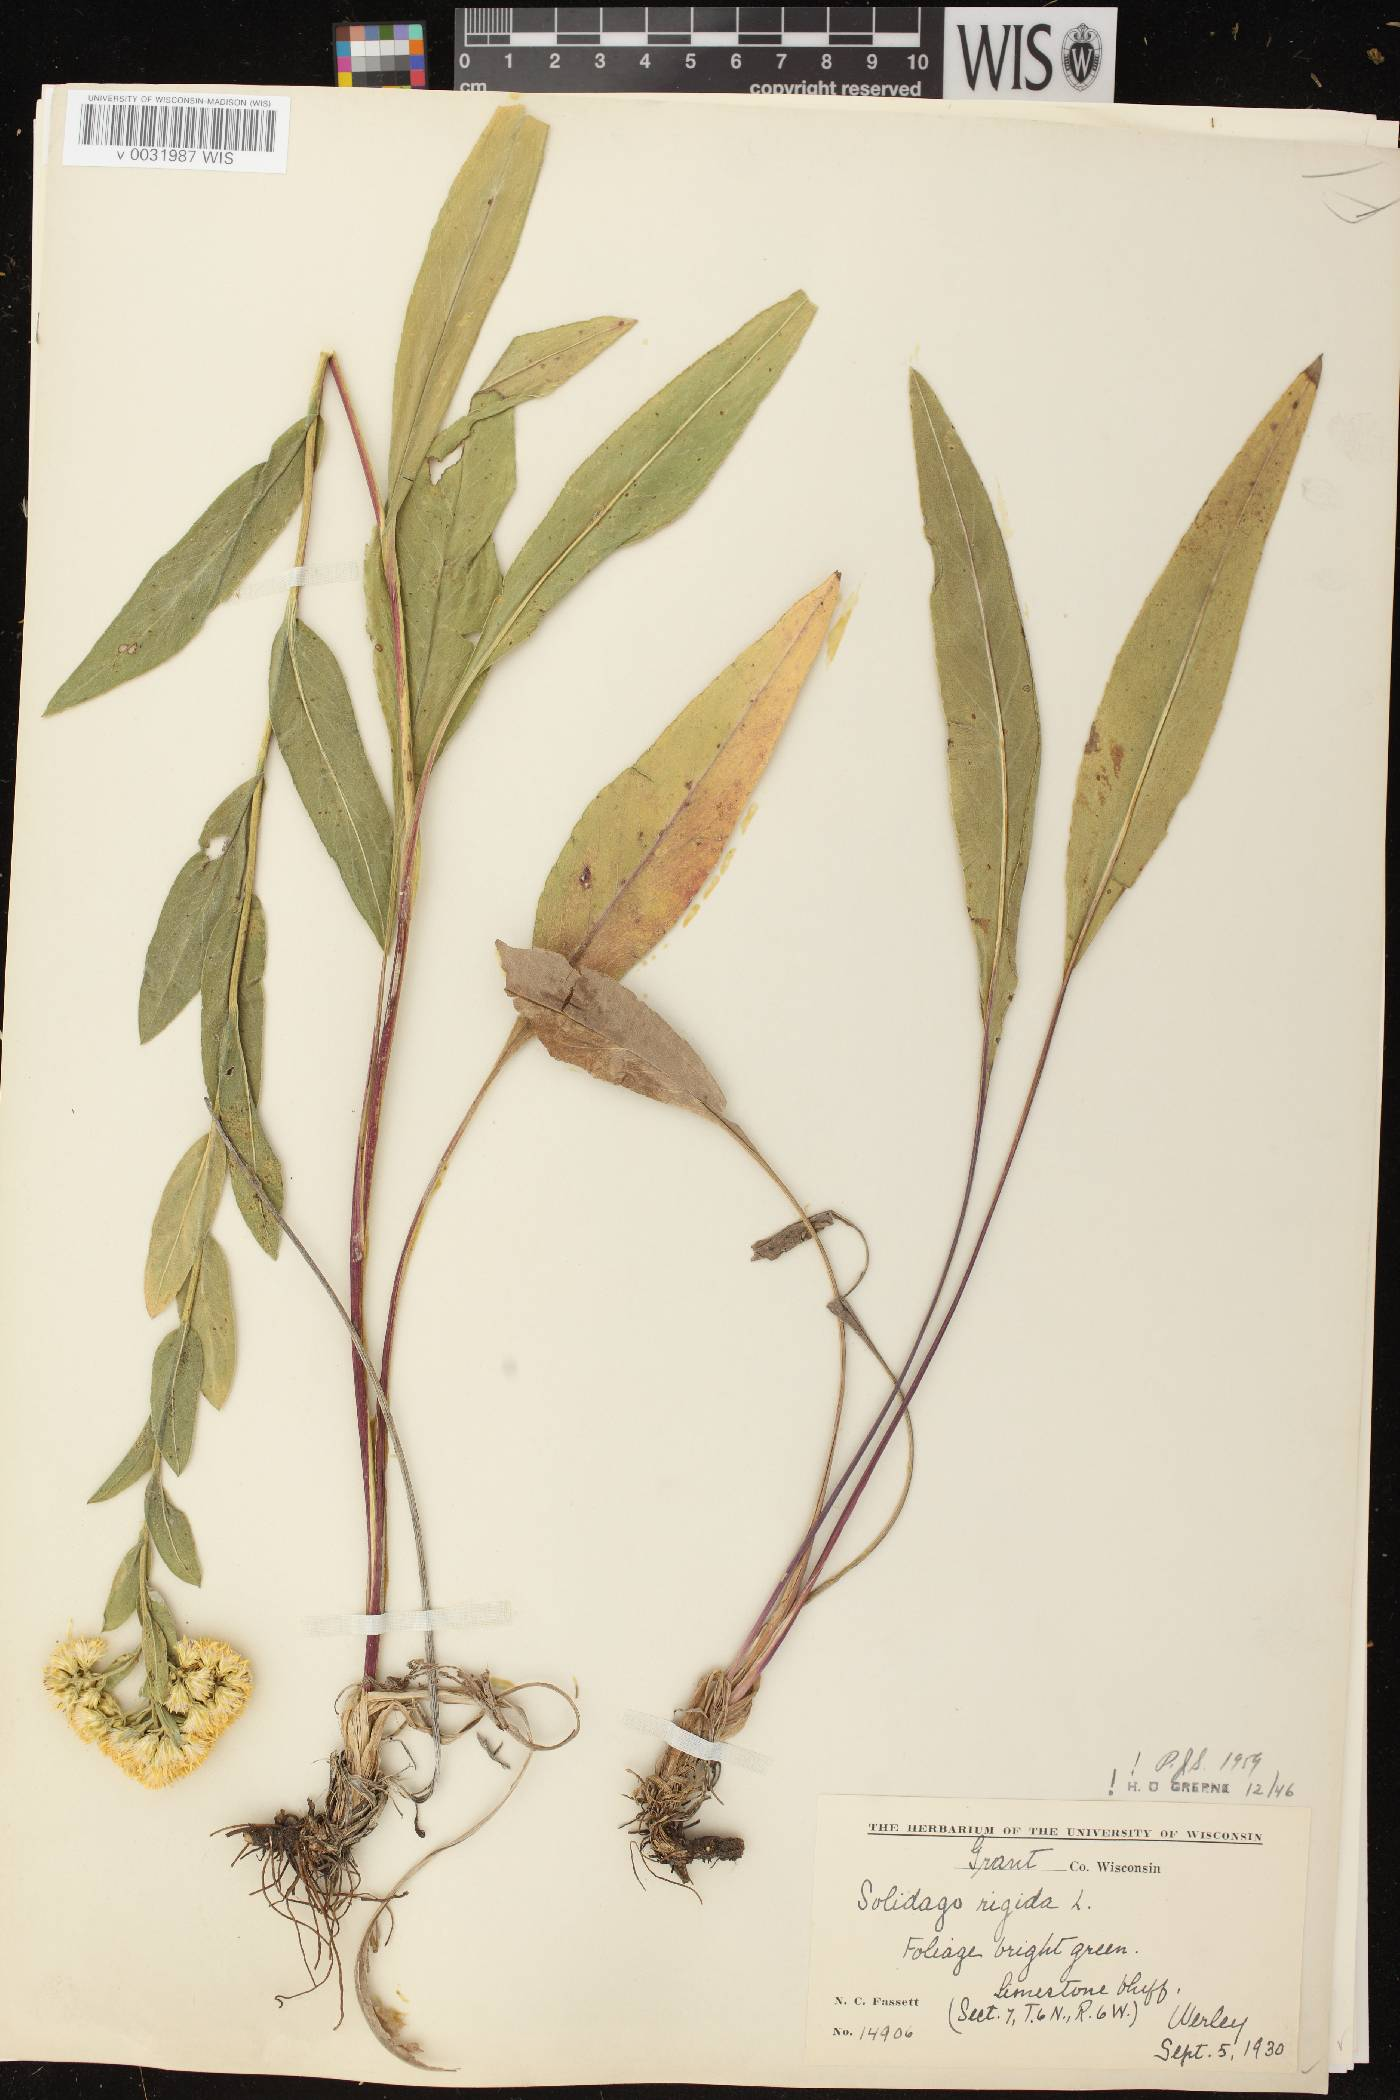 Solidago rigida subsp. rigida image